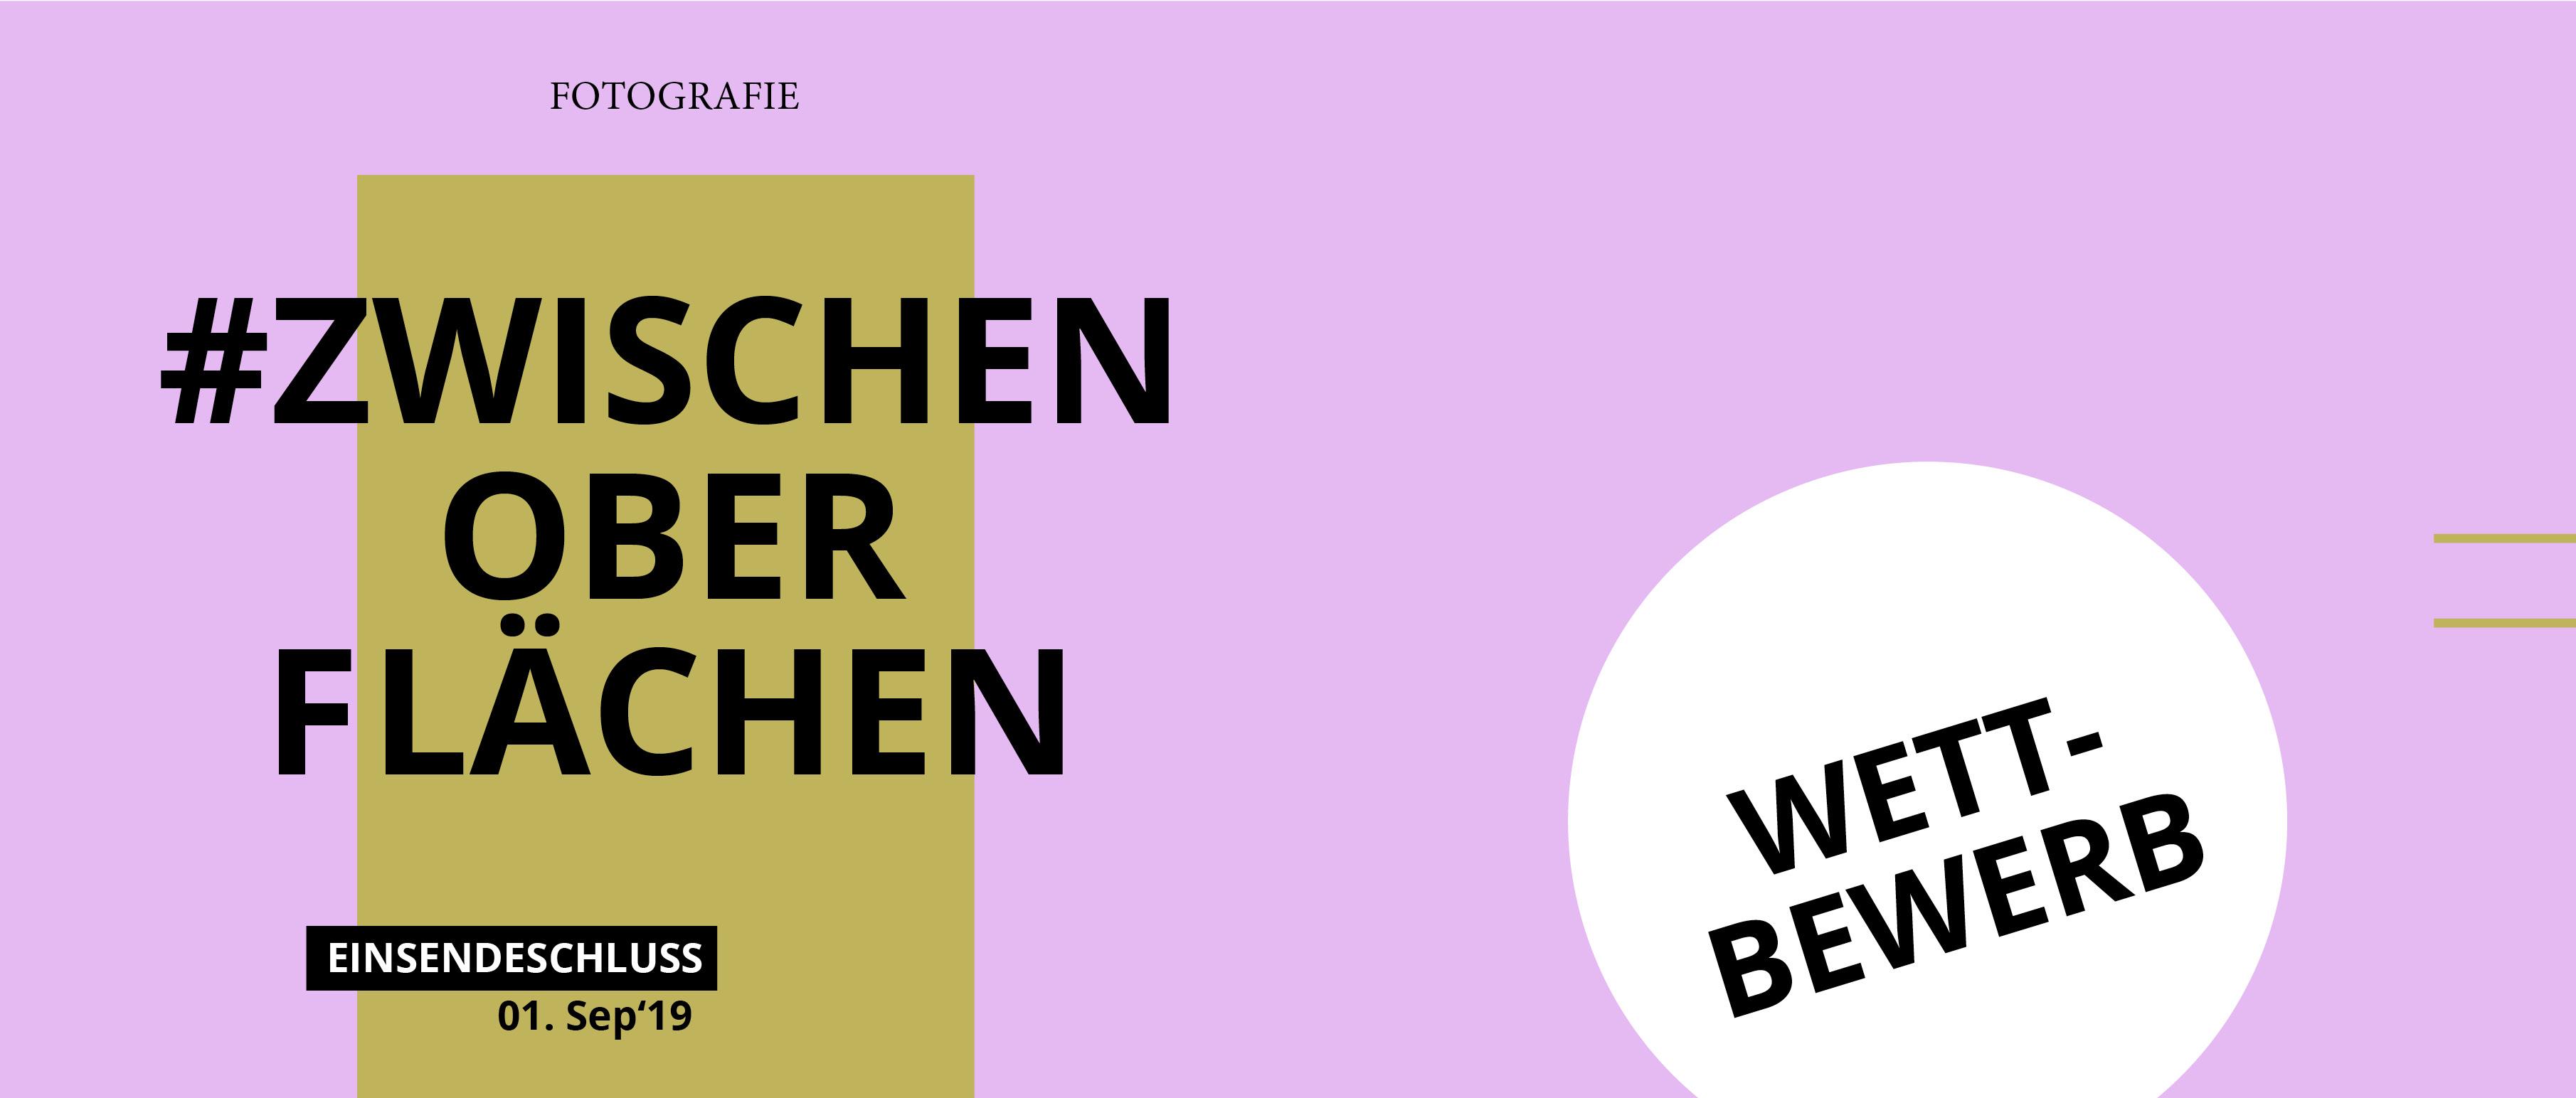 wettbewerb_banner_quer